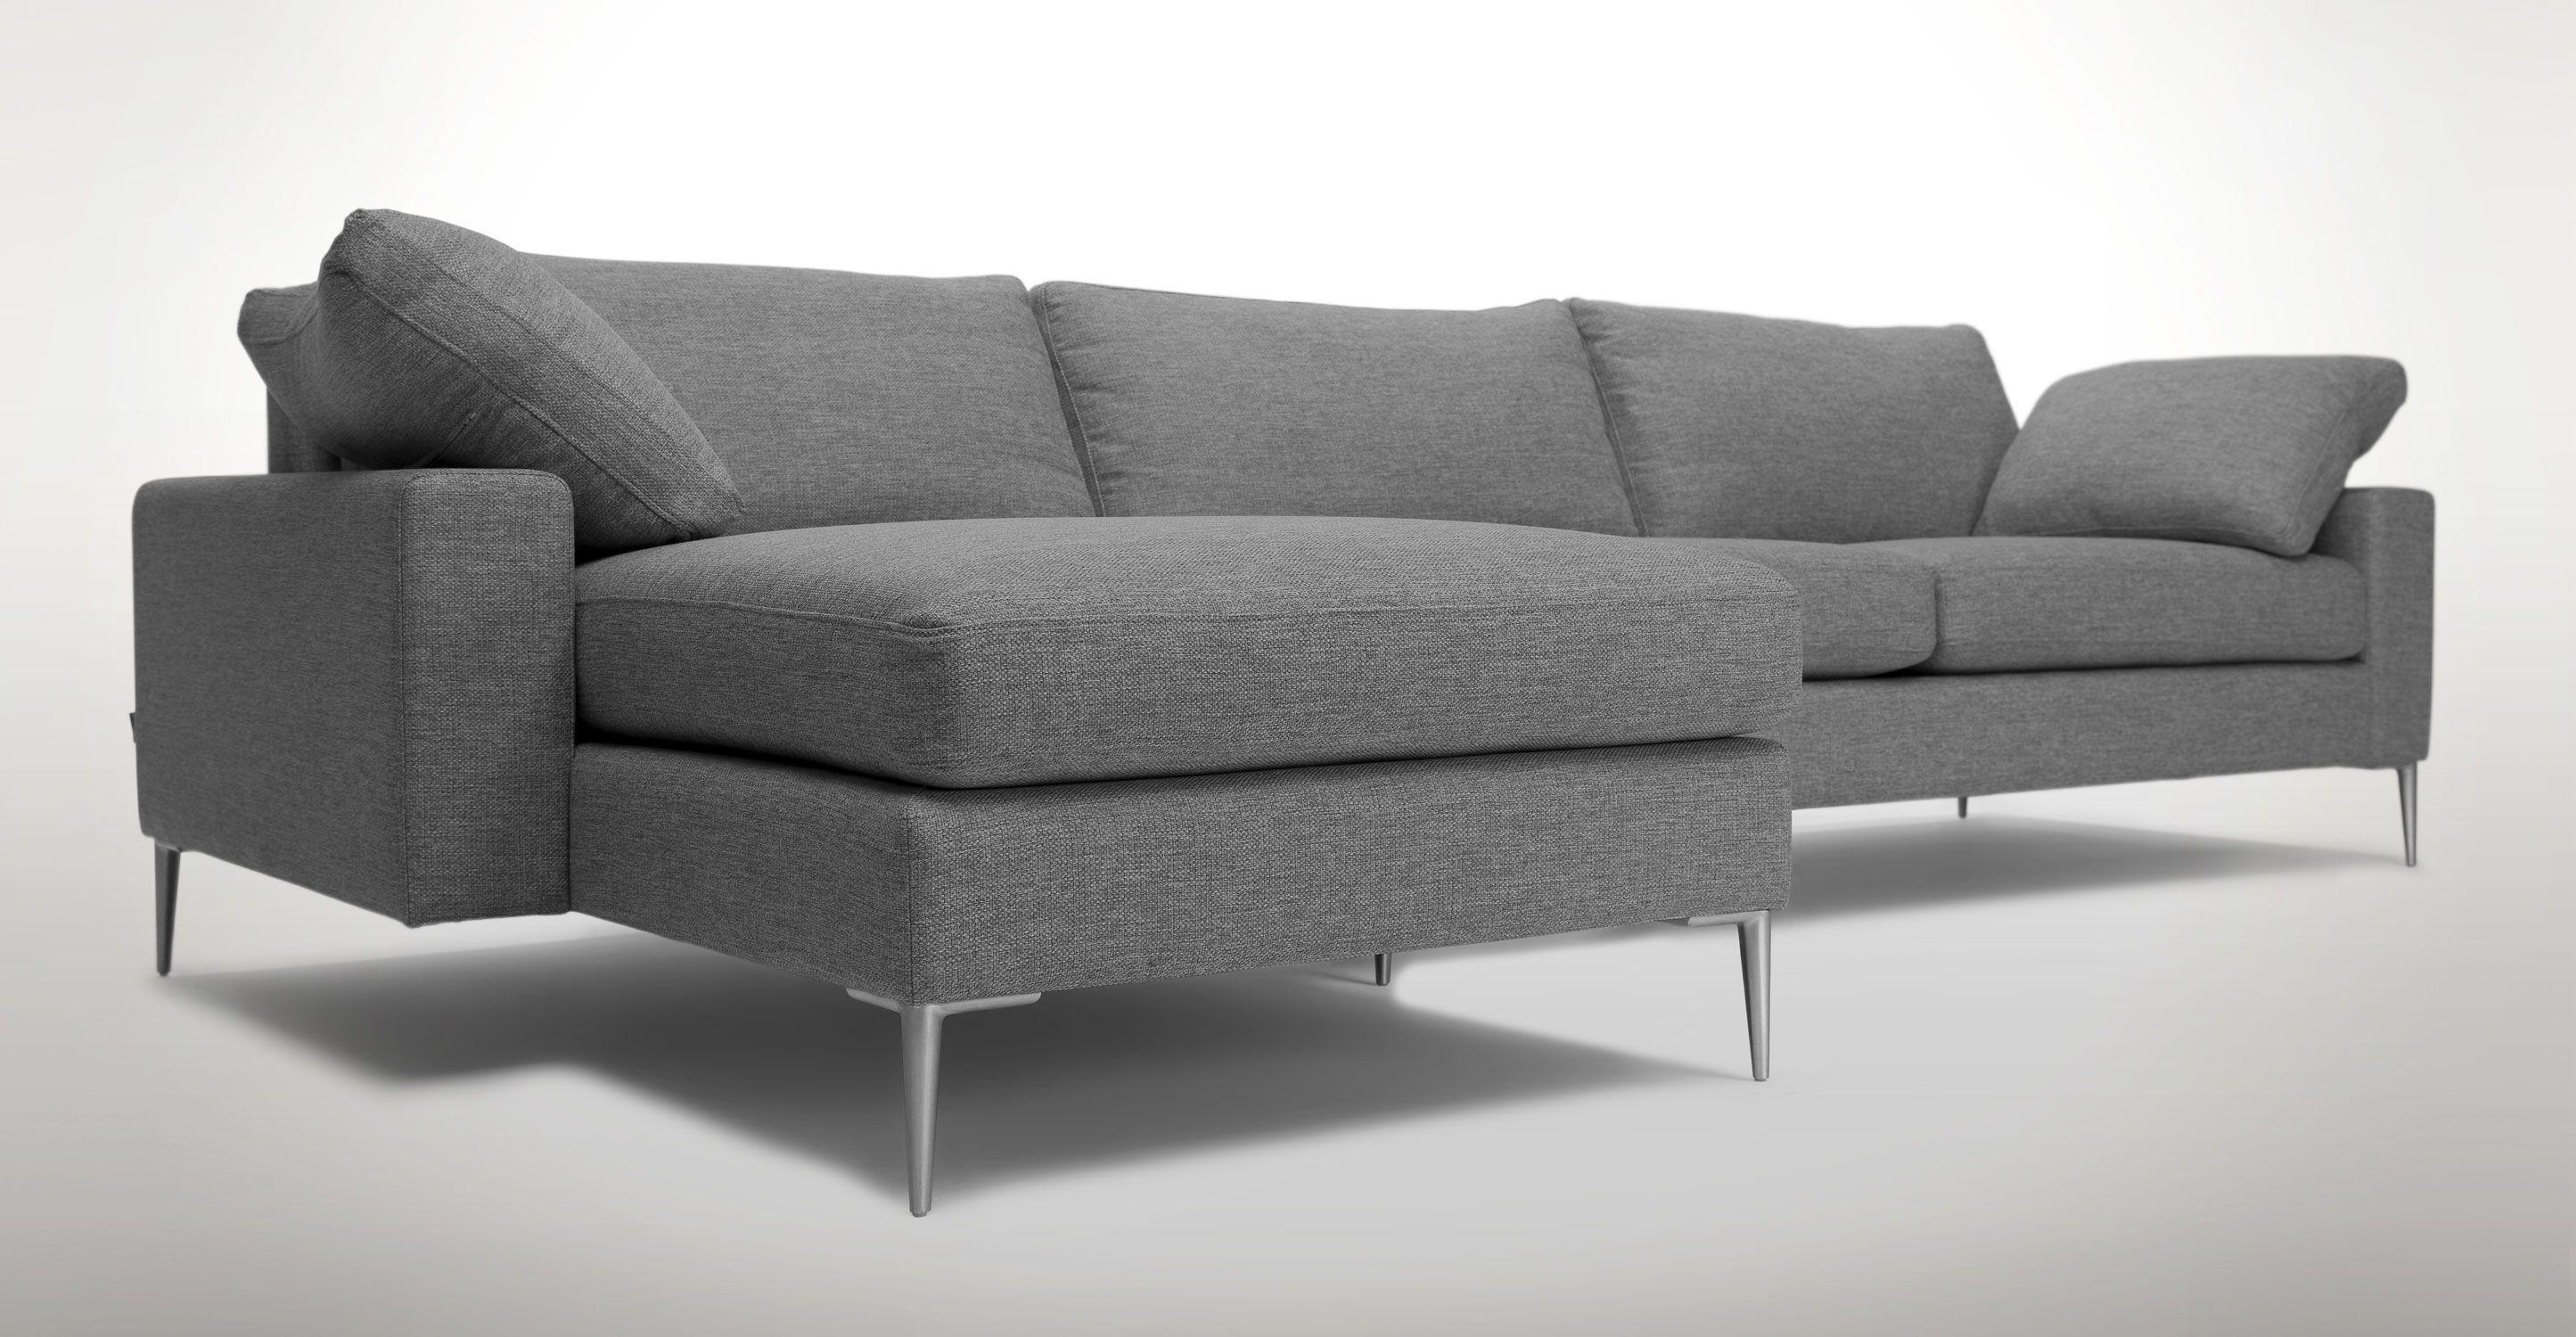 Light Gray Left Sectional Sofa Upholstered